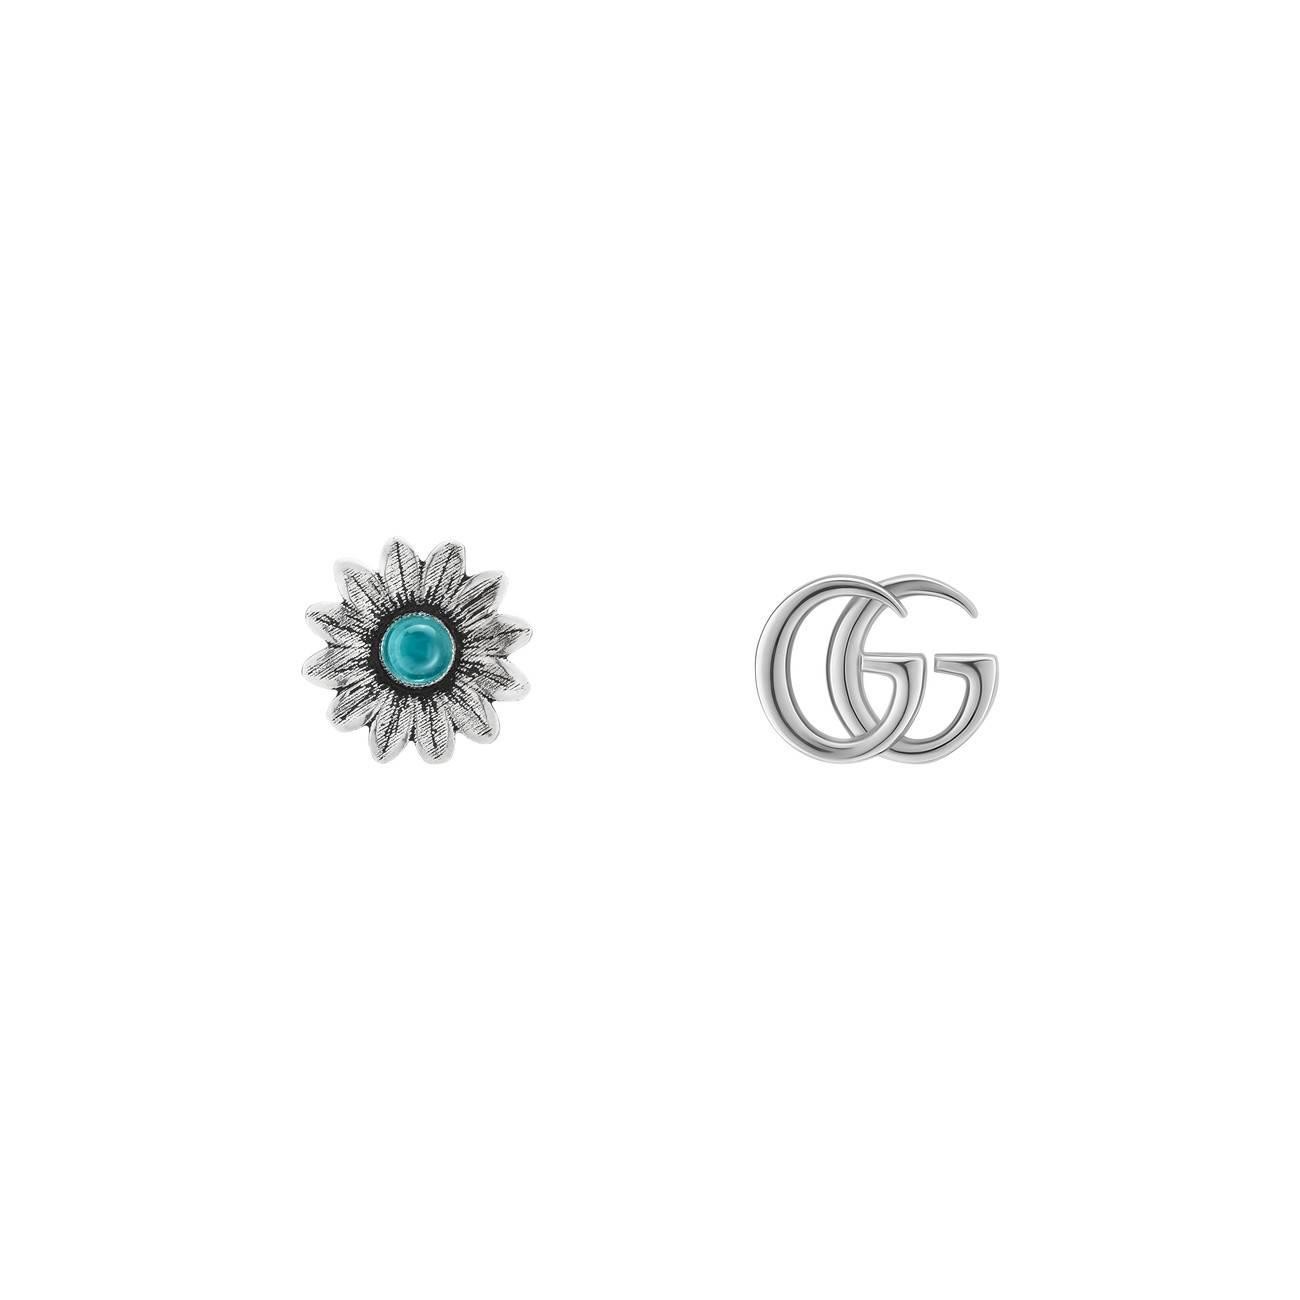 c6d8f01e3 Lyst - Gucci Double G Flower Stud Earrings in Blue